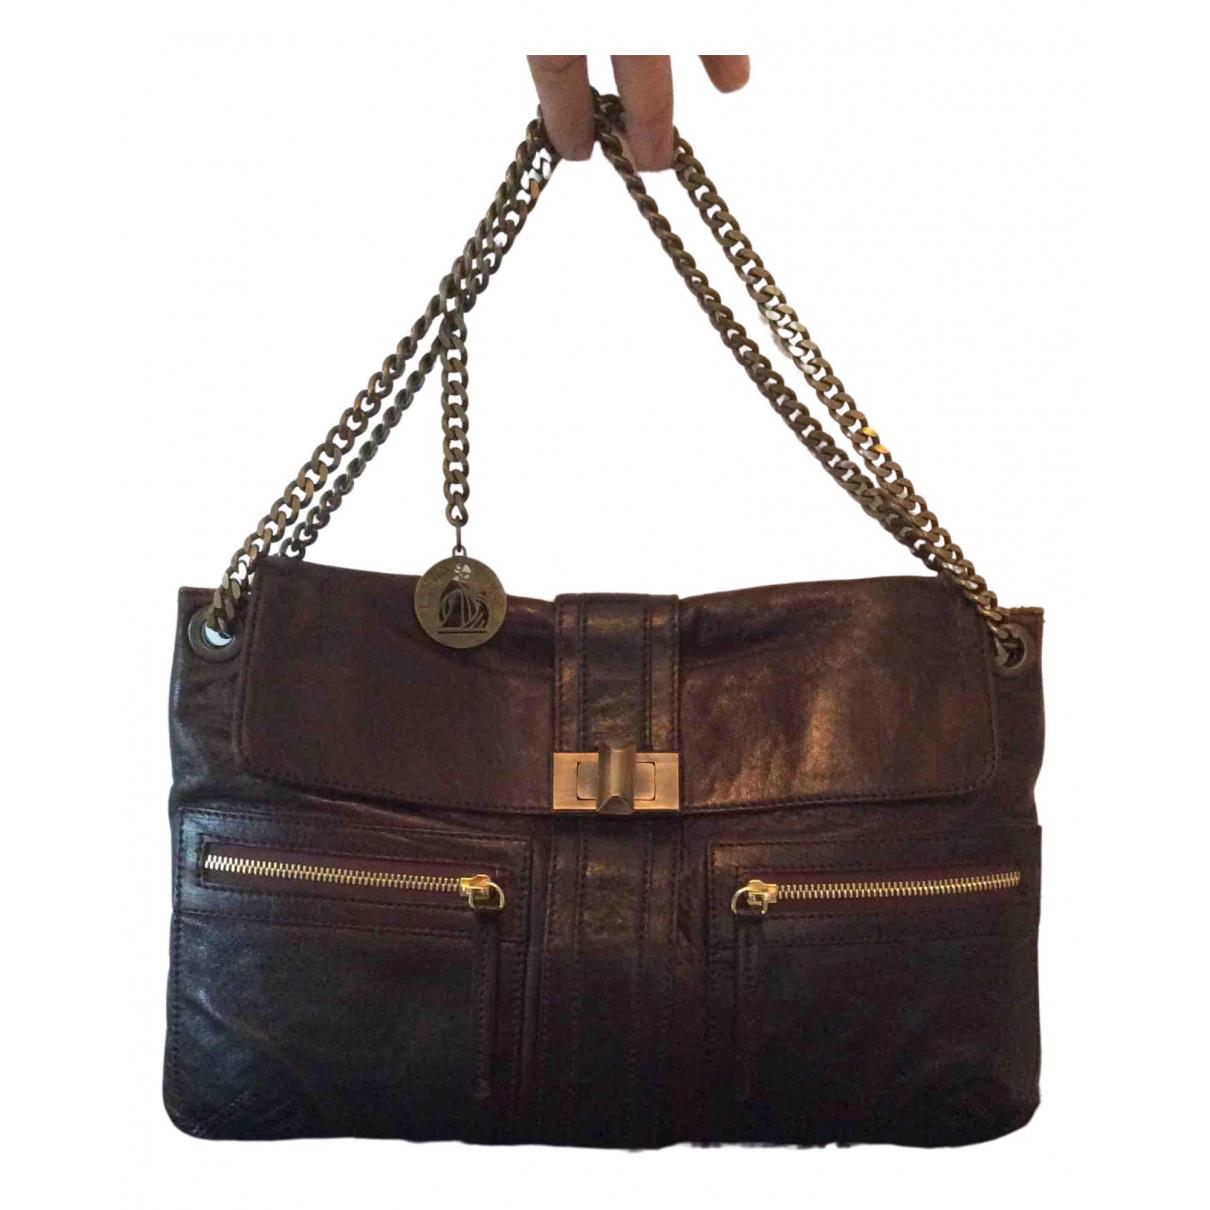 Lanvin \N Handtasche in  Braun Leder